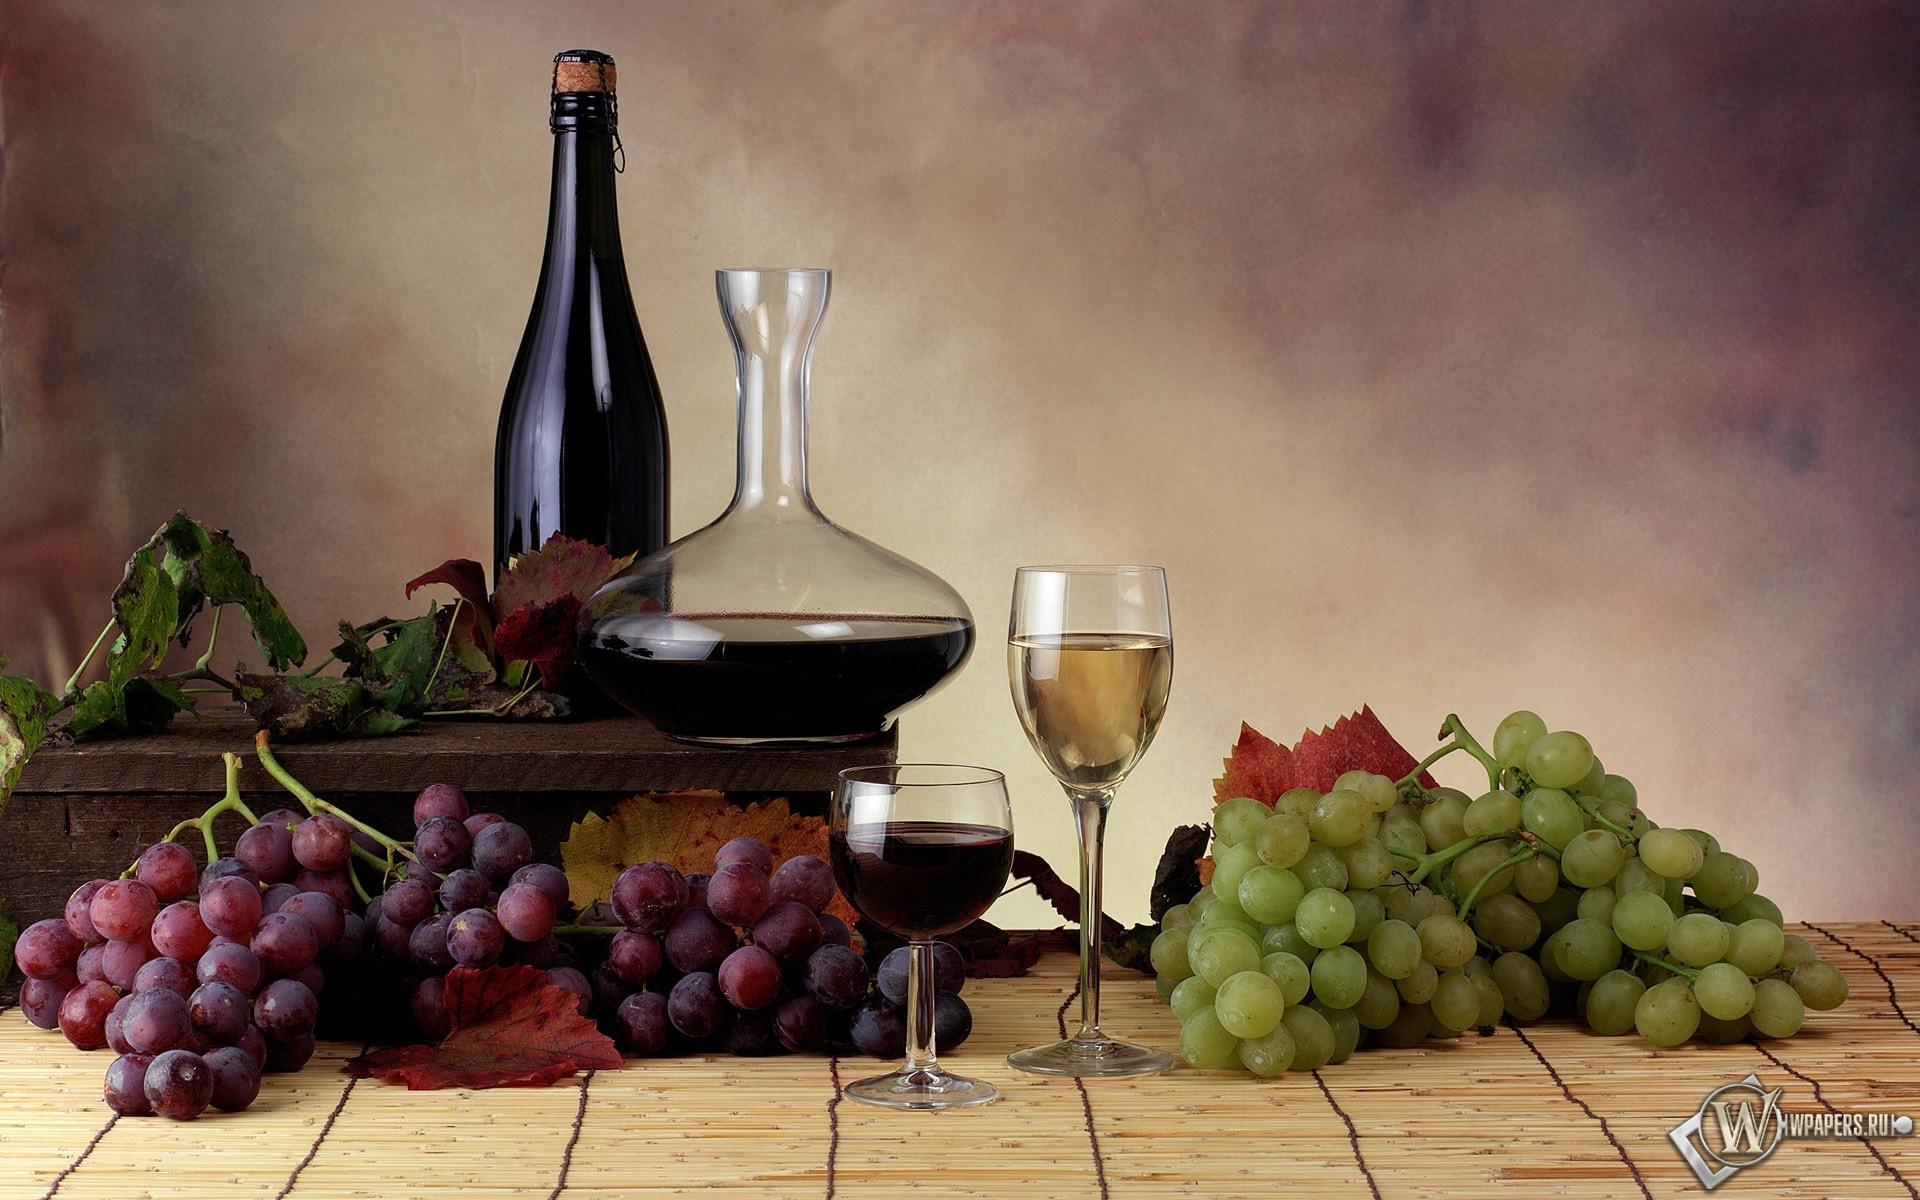 Вино и виноград 1920x1200